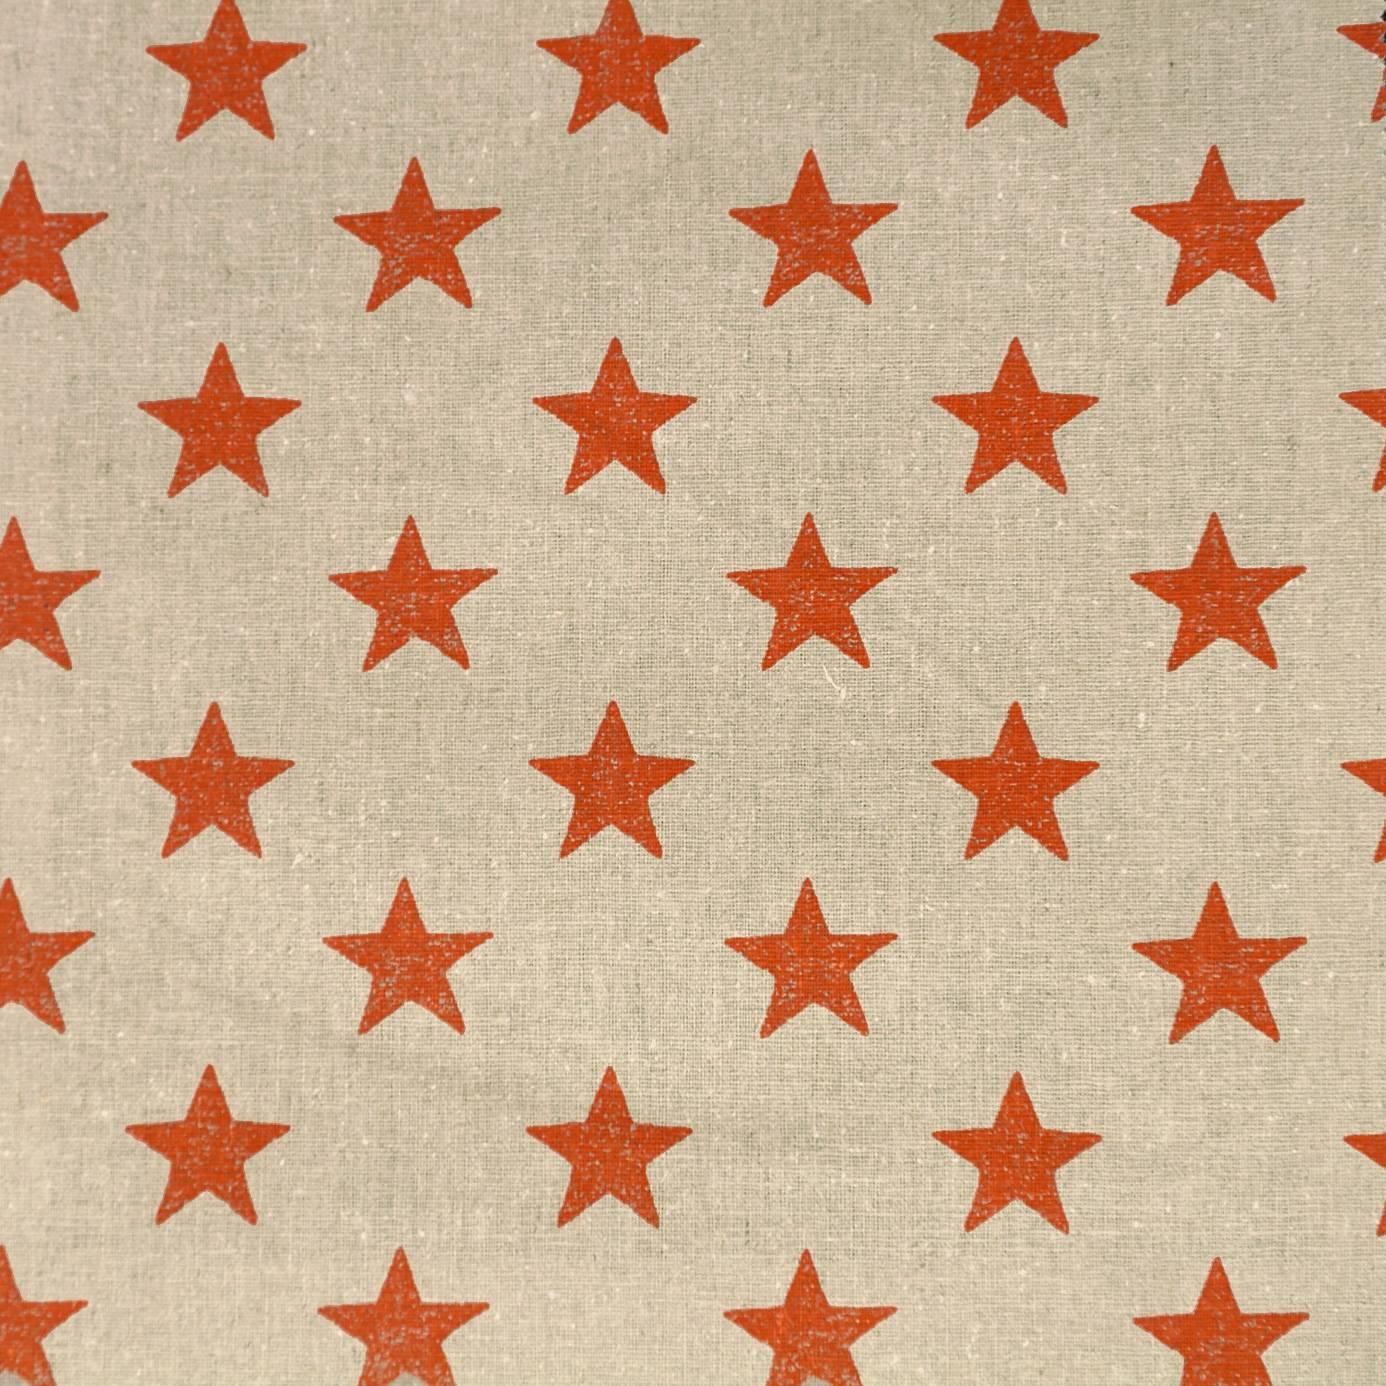 Stars Fabric Orange F0775 07 Clarke Amp Clarke